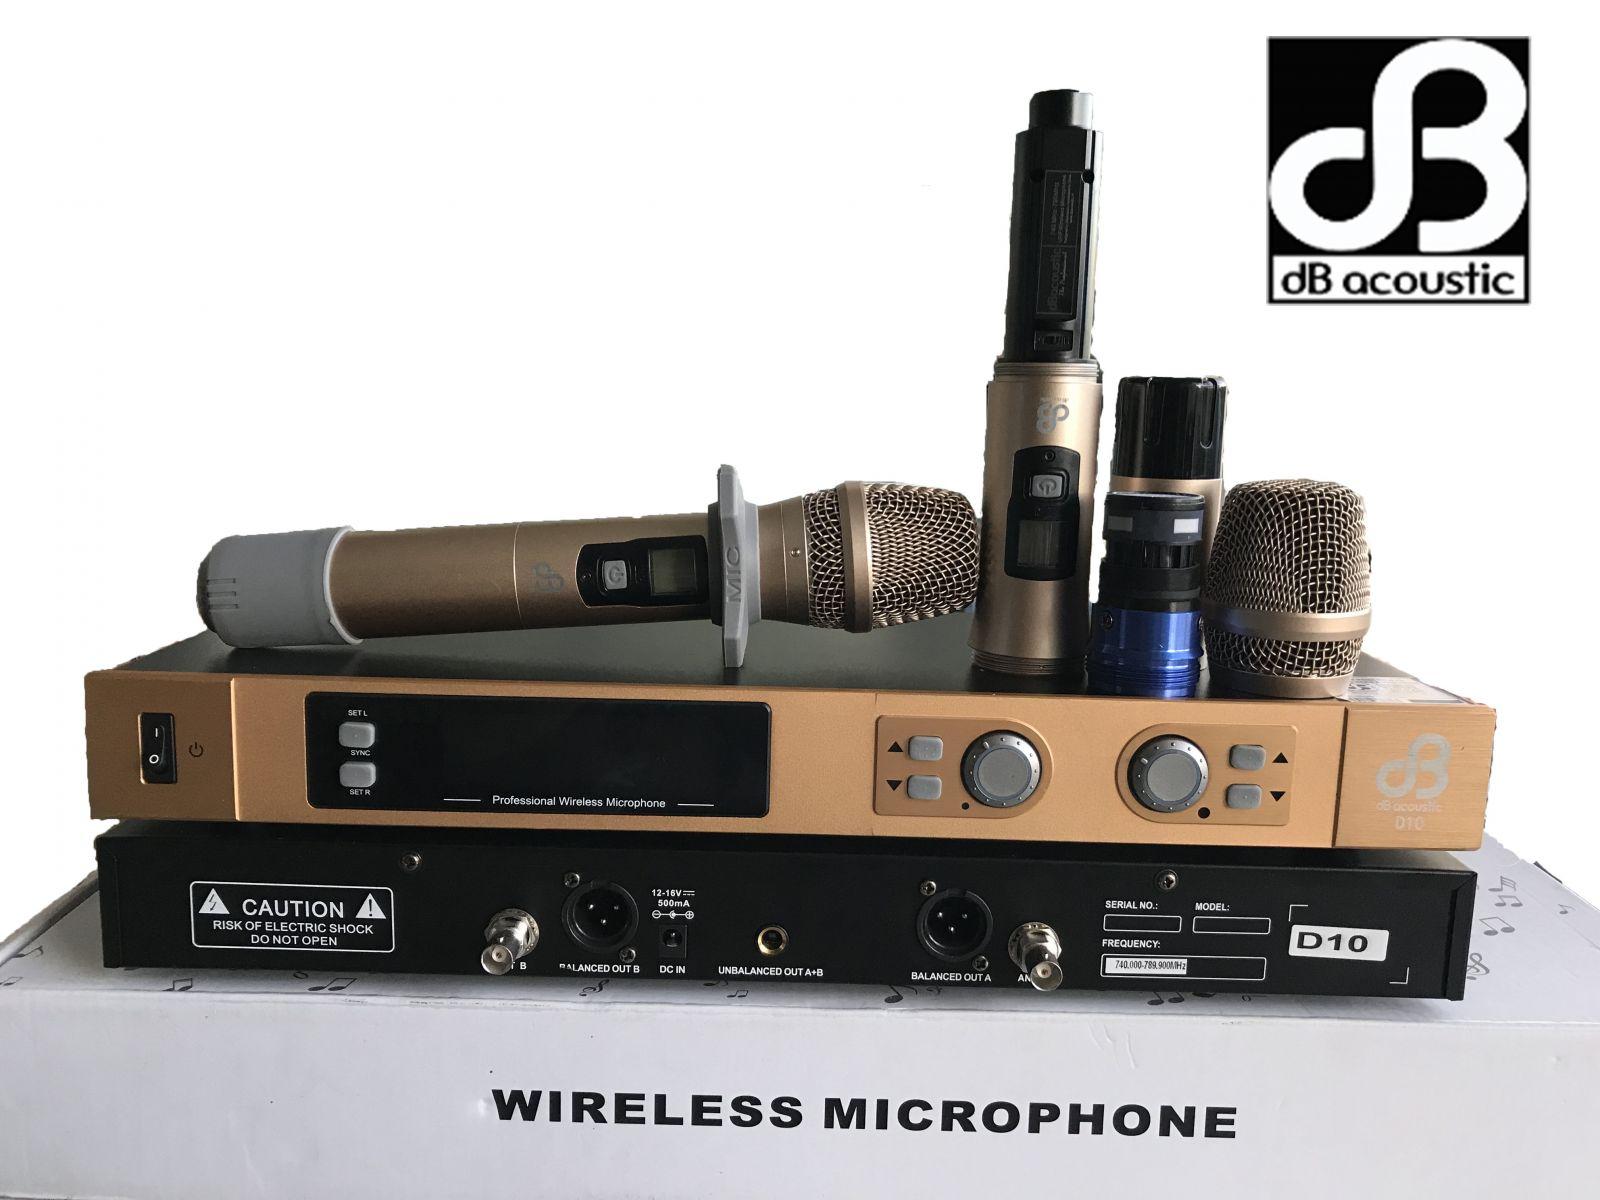 micro không dây dbacoustic d10